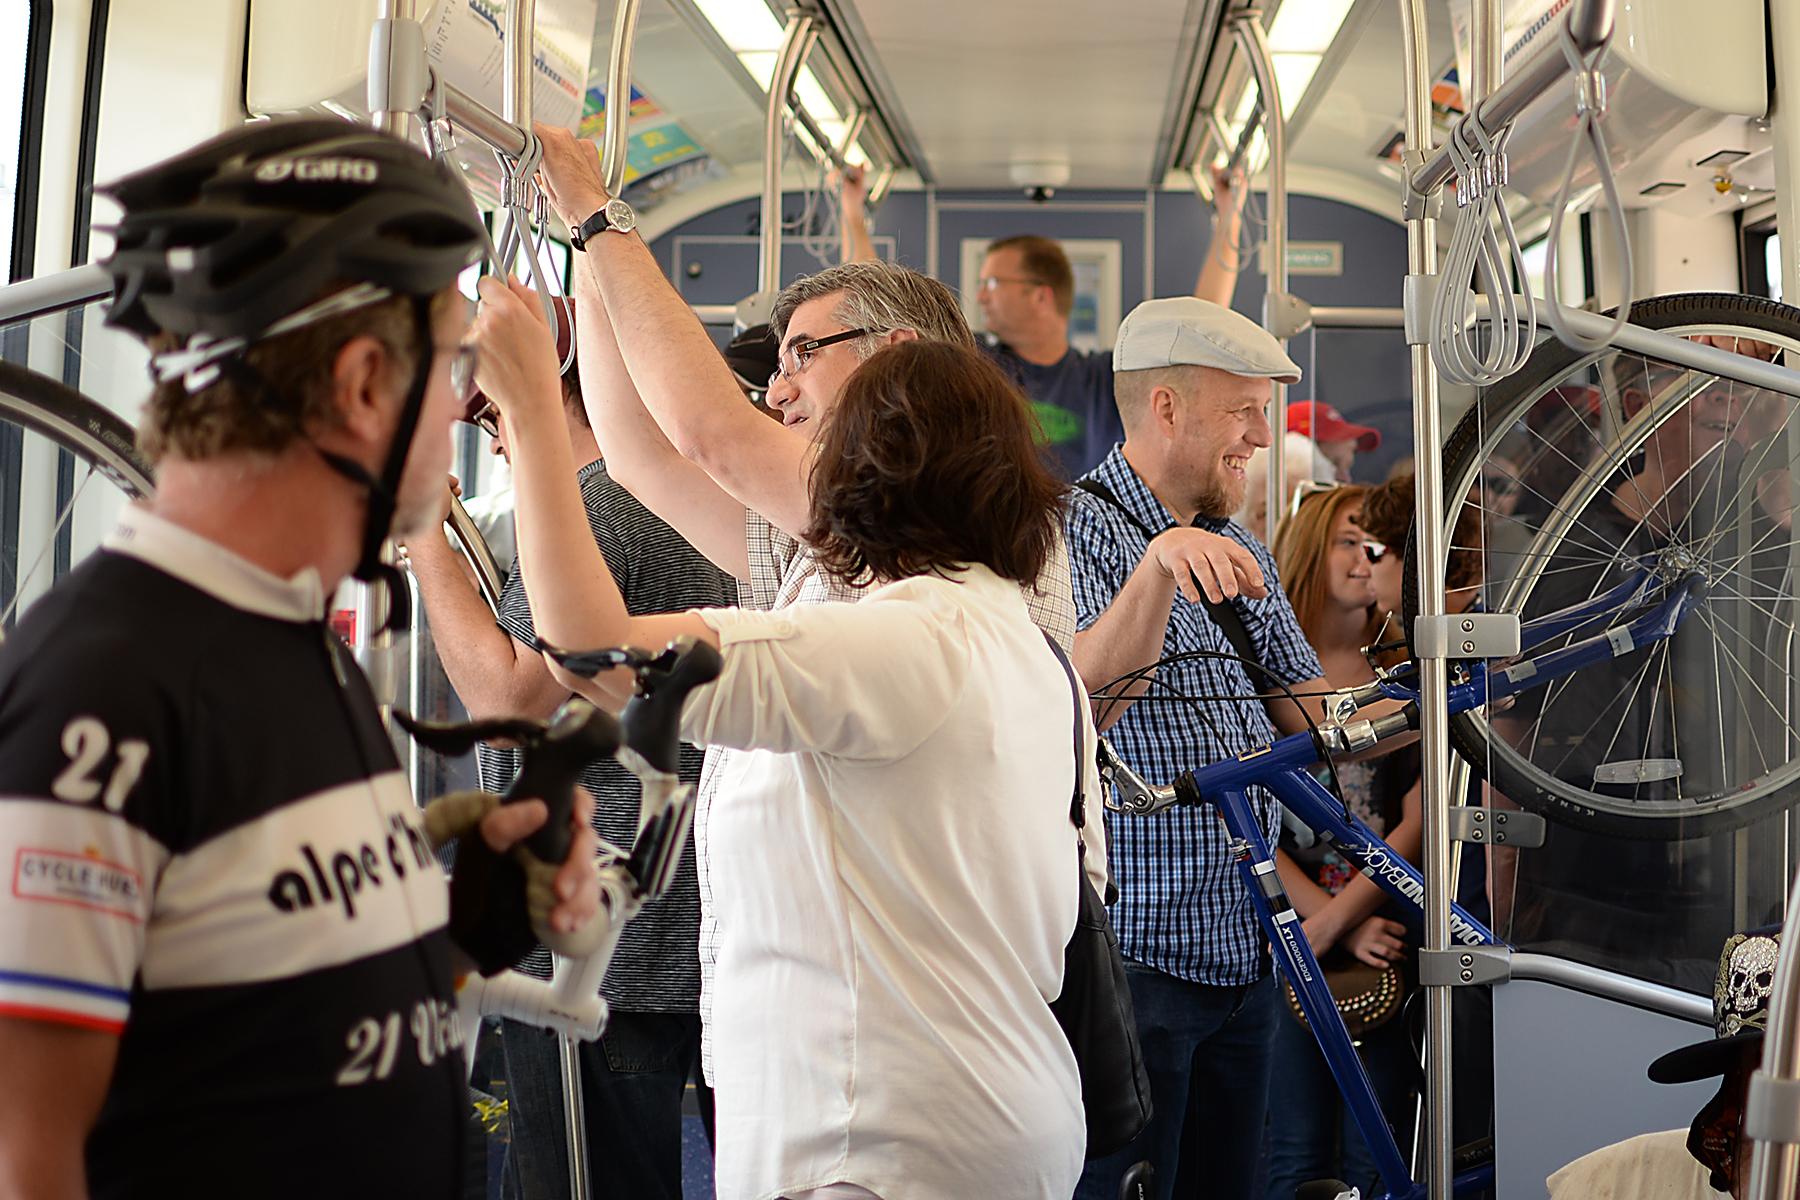 Photo courtesy of Metro Transit